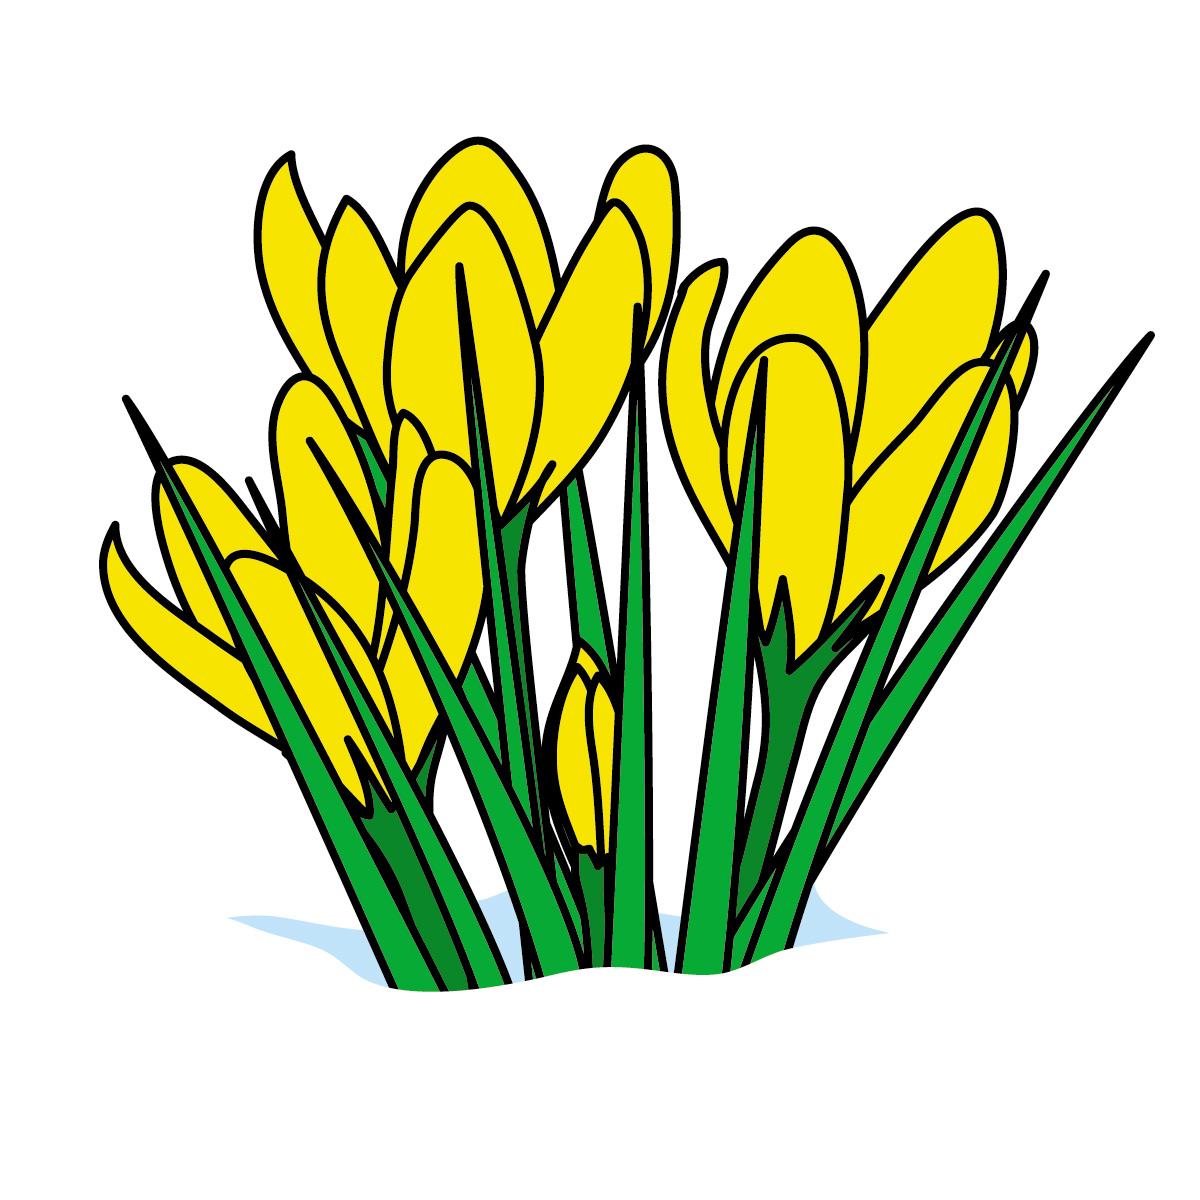 Spring Clip Art Spring Flower Clipart Jpg